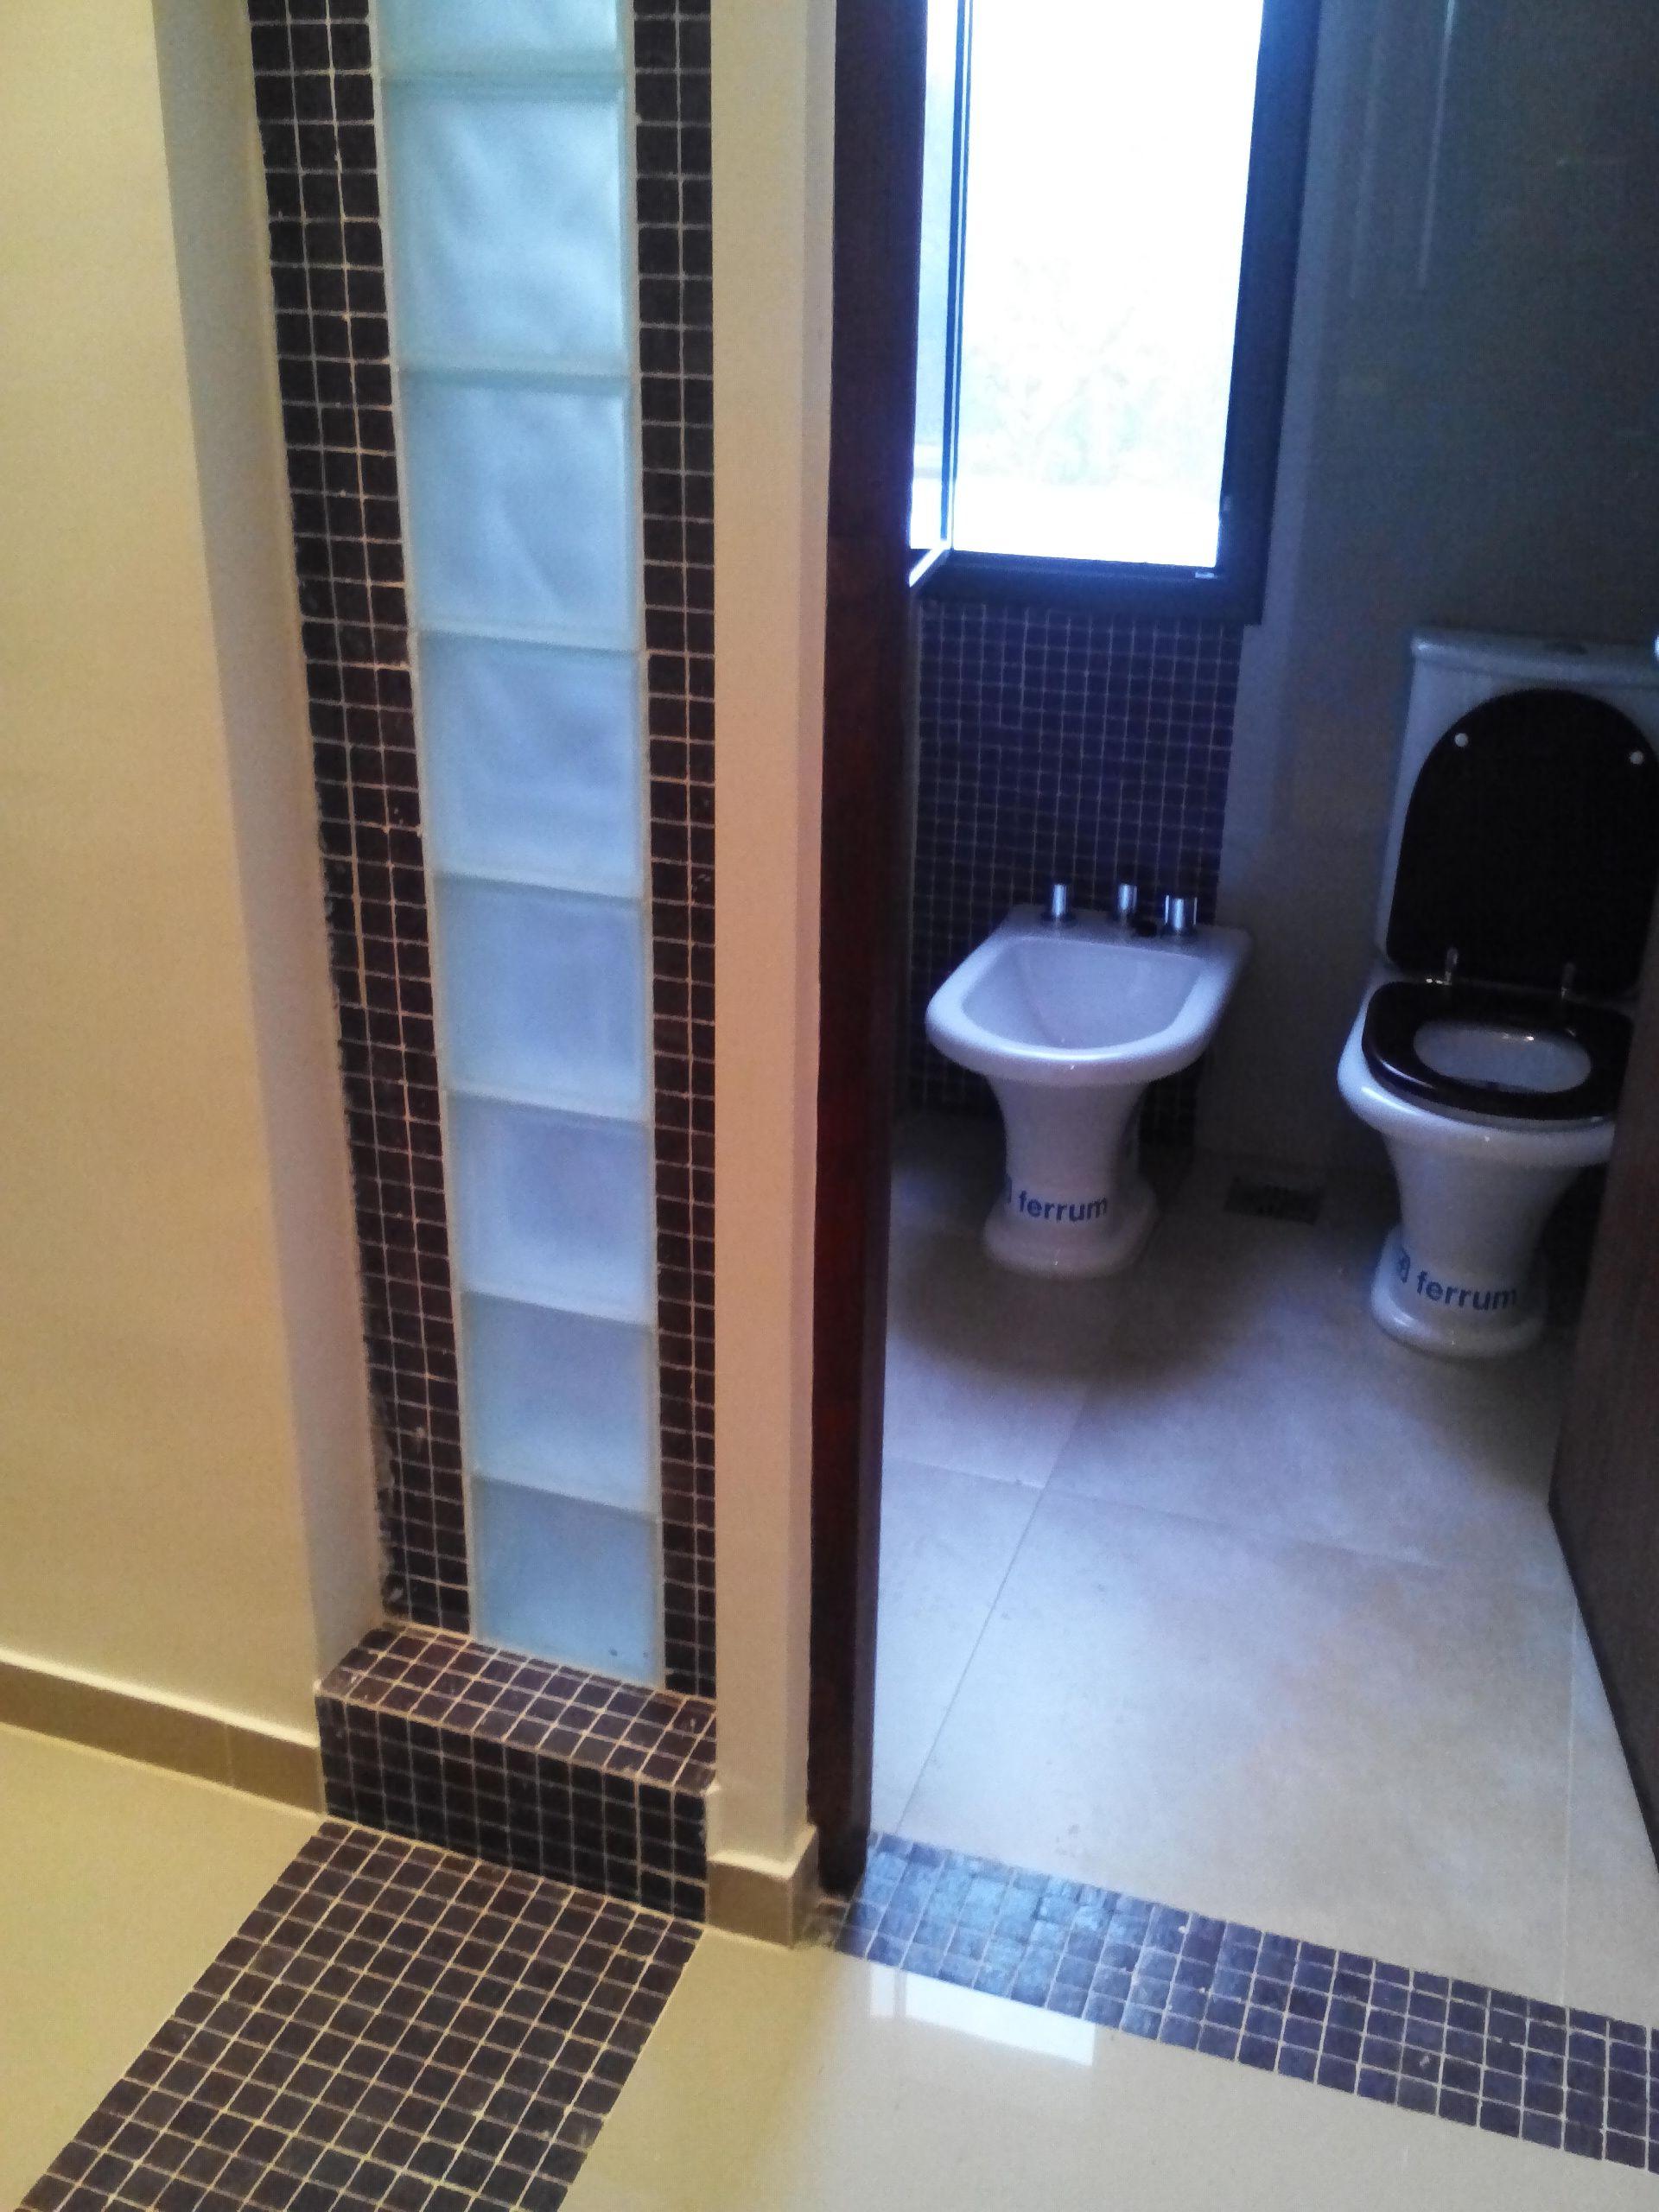 Estudio Juarez Lico   Baño: Guardas con venecitas piso pared combinadas con ladrillo de vidrio.